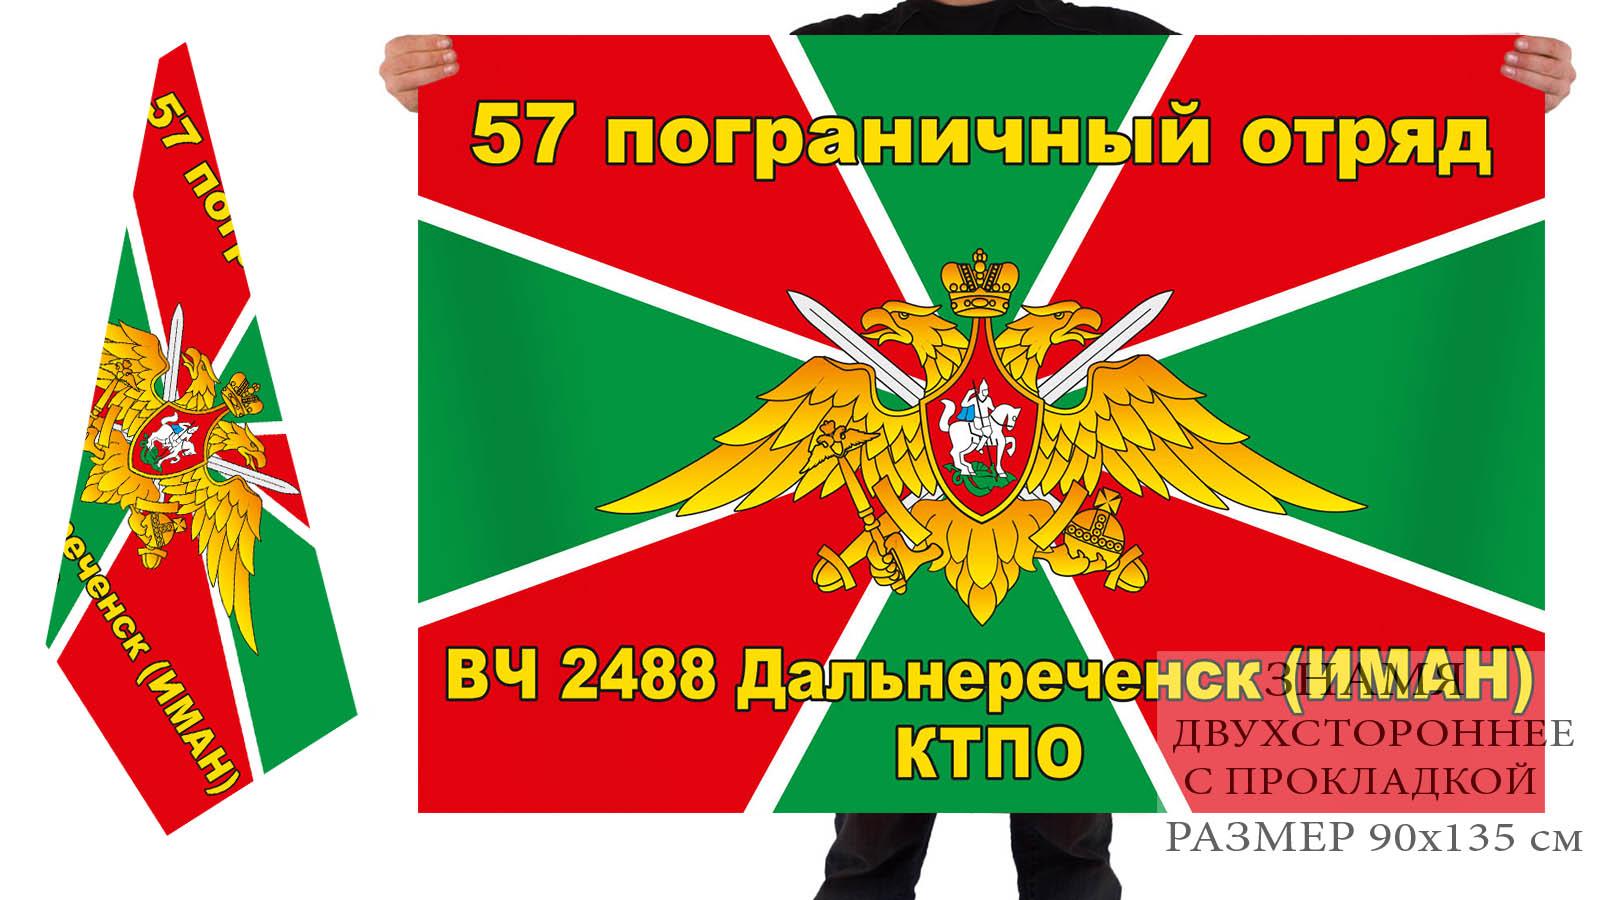 Флаг КТПО 57 пограничный отряд, в/ч 2488, Дальнереченск, Иман